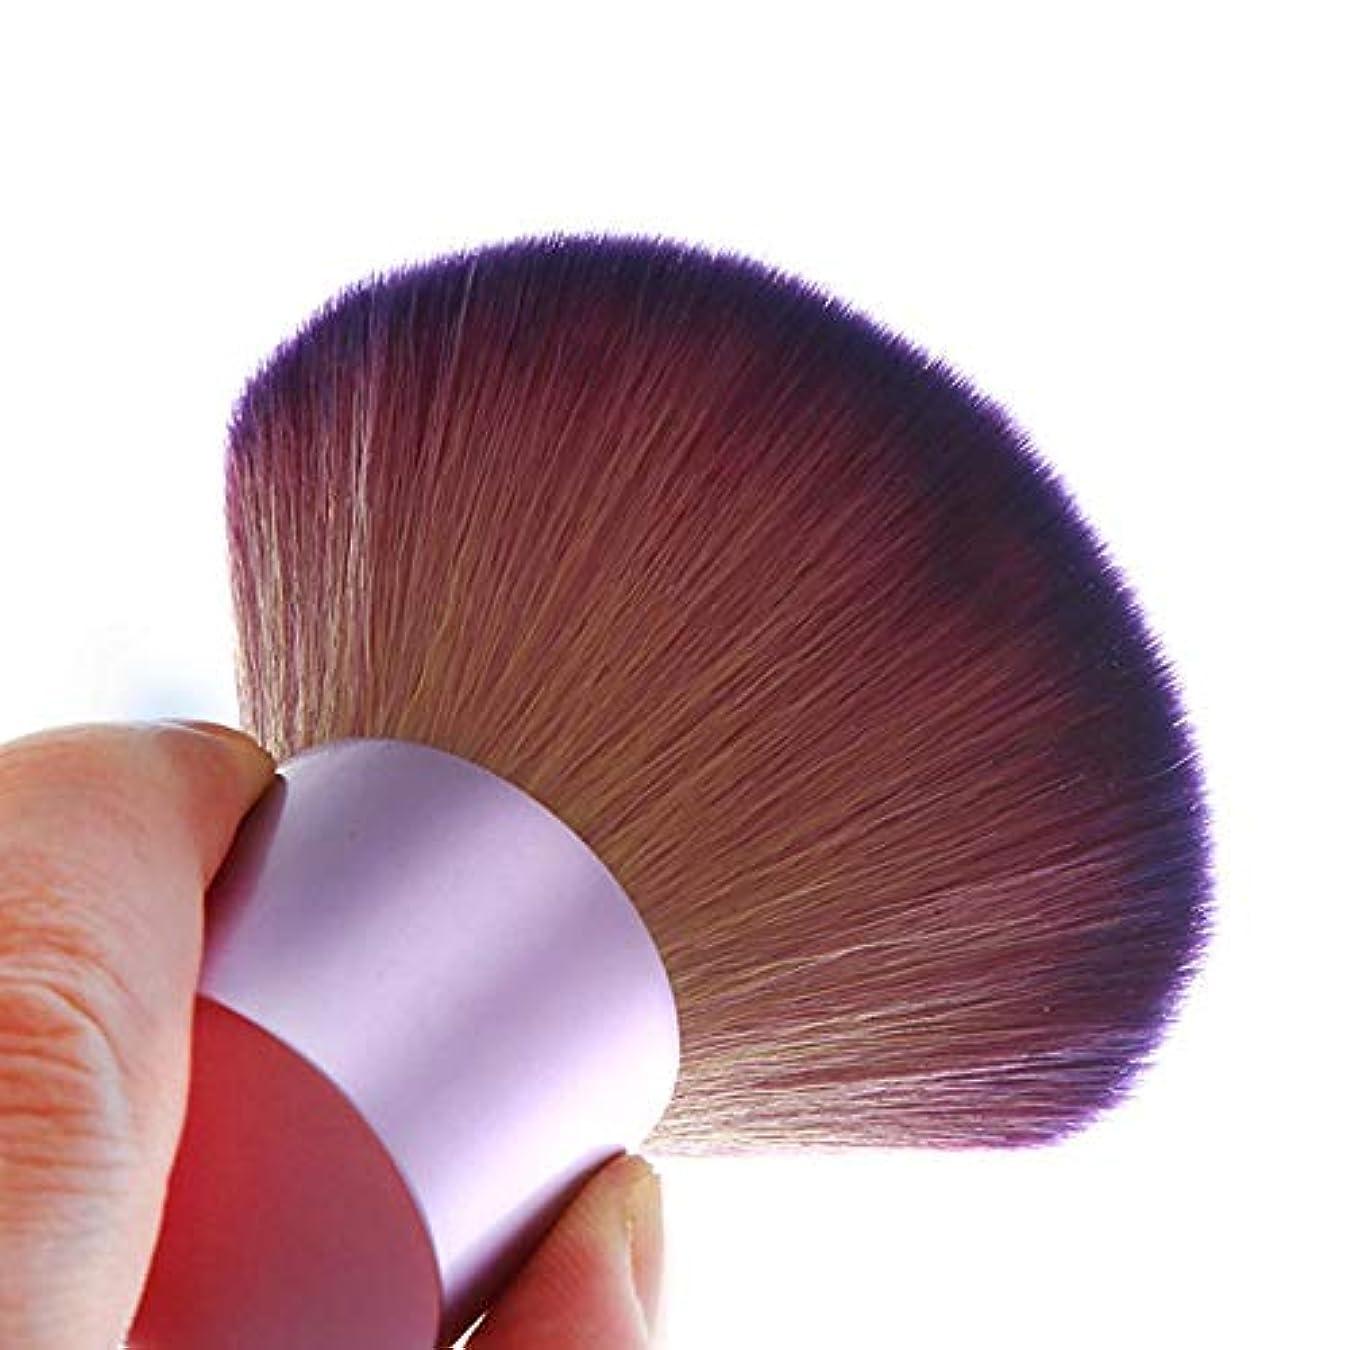 ブリード放つ講堂Graprx 持ち運びに便利多机能収縮メイクブラシ チークブラシ 化粧ブラシ絶妙な化粧ブラシ柔らかくて快適な化粧ブラシ 伸縮式デザイン スライド式 携帯用 ファンデーションブラシ